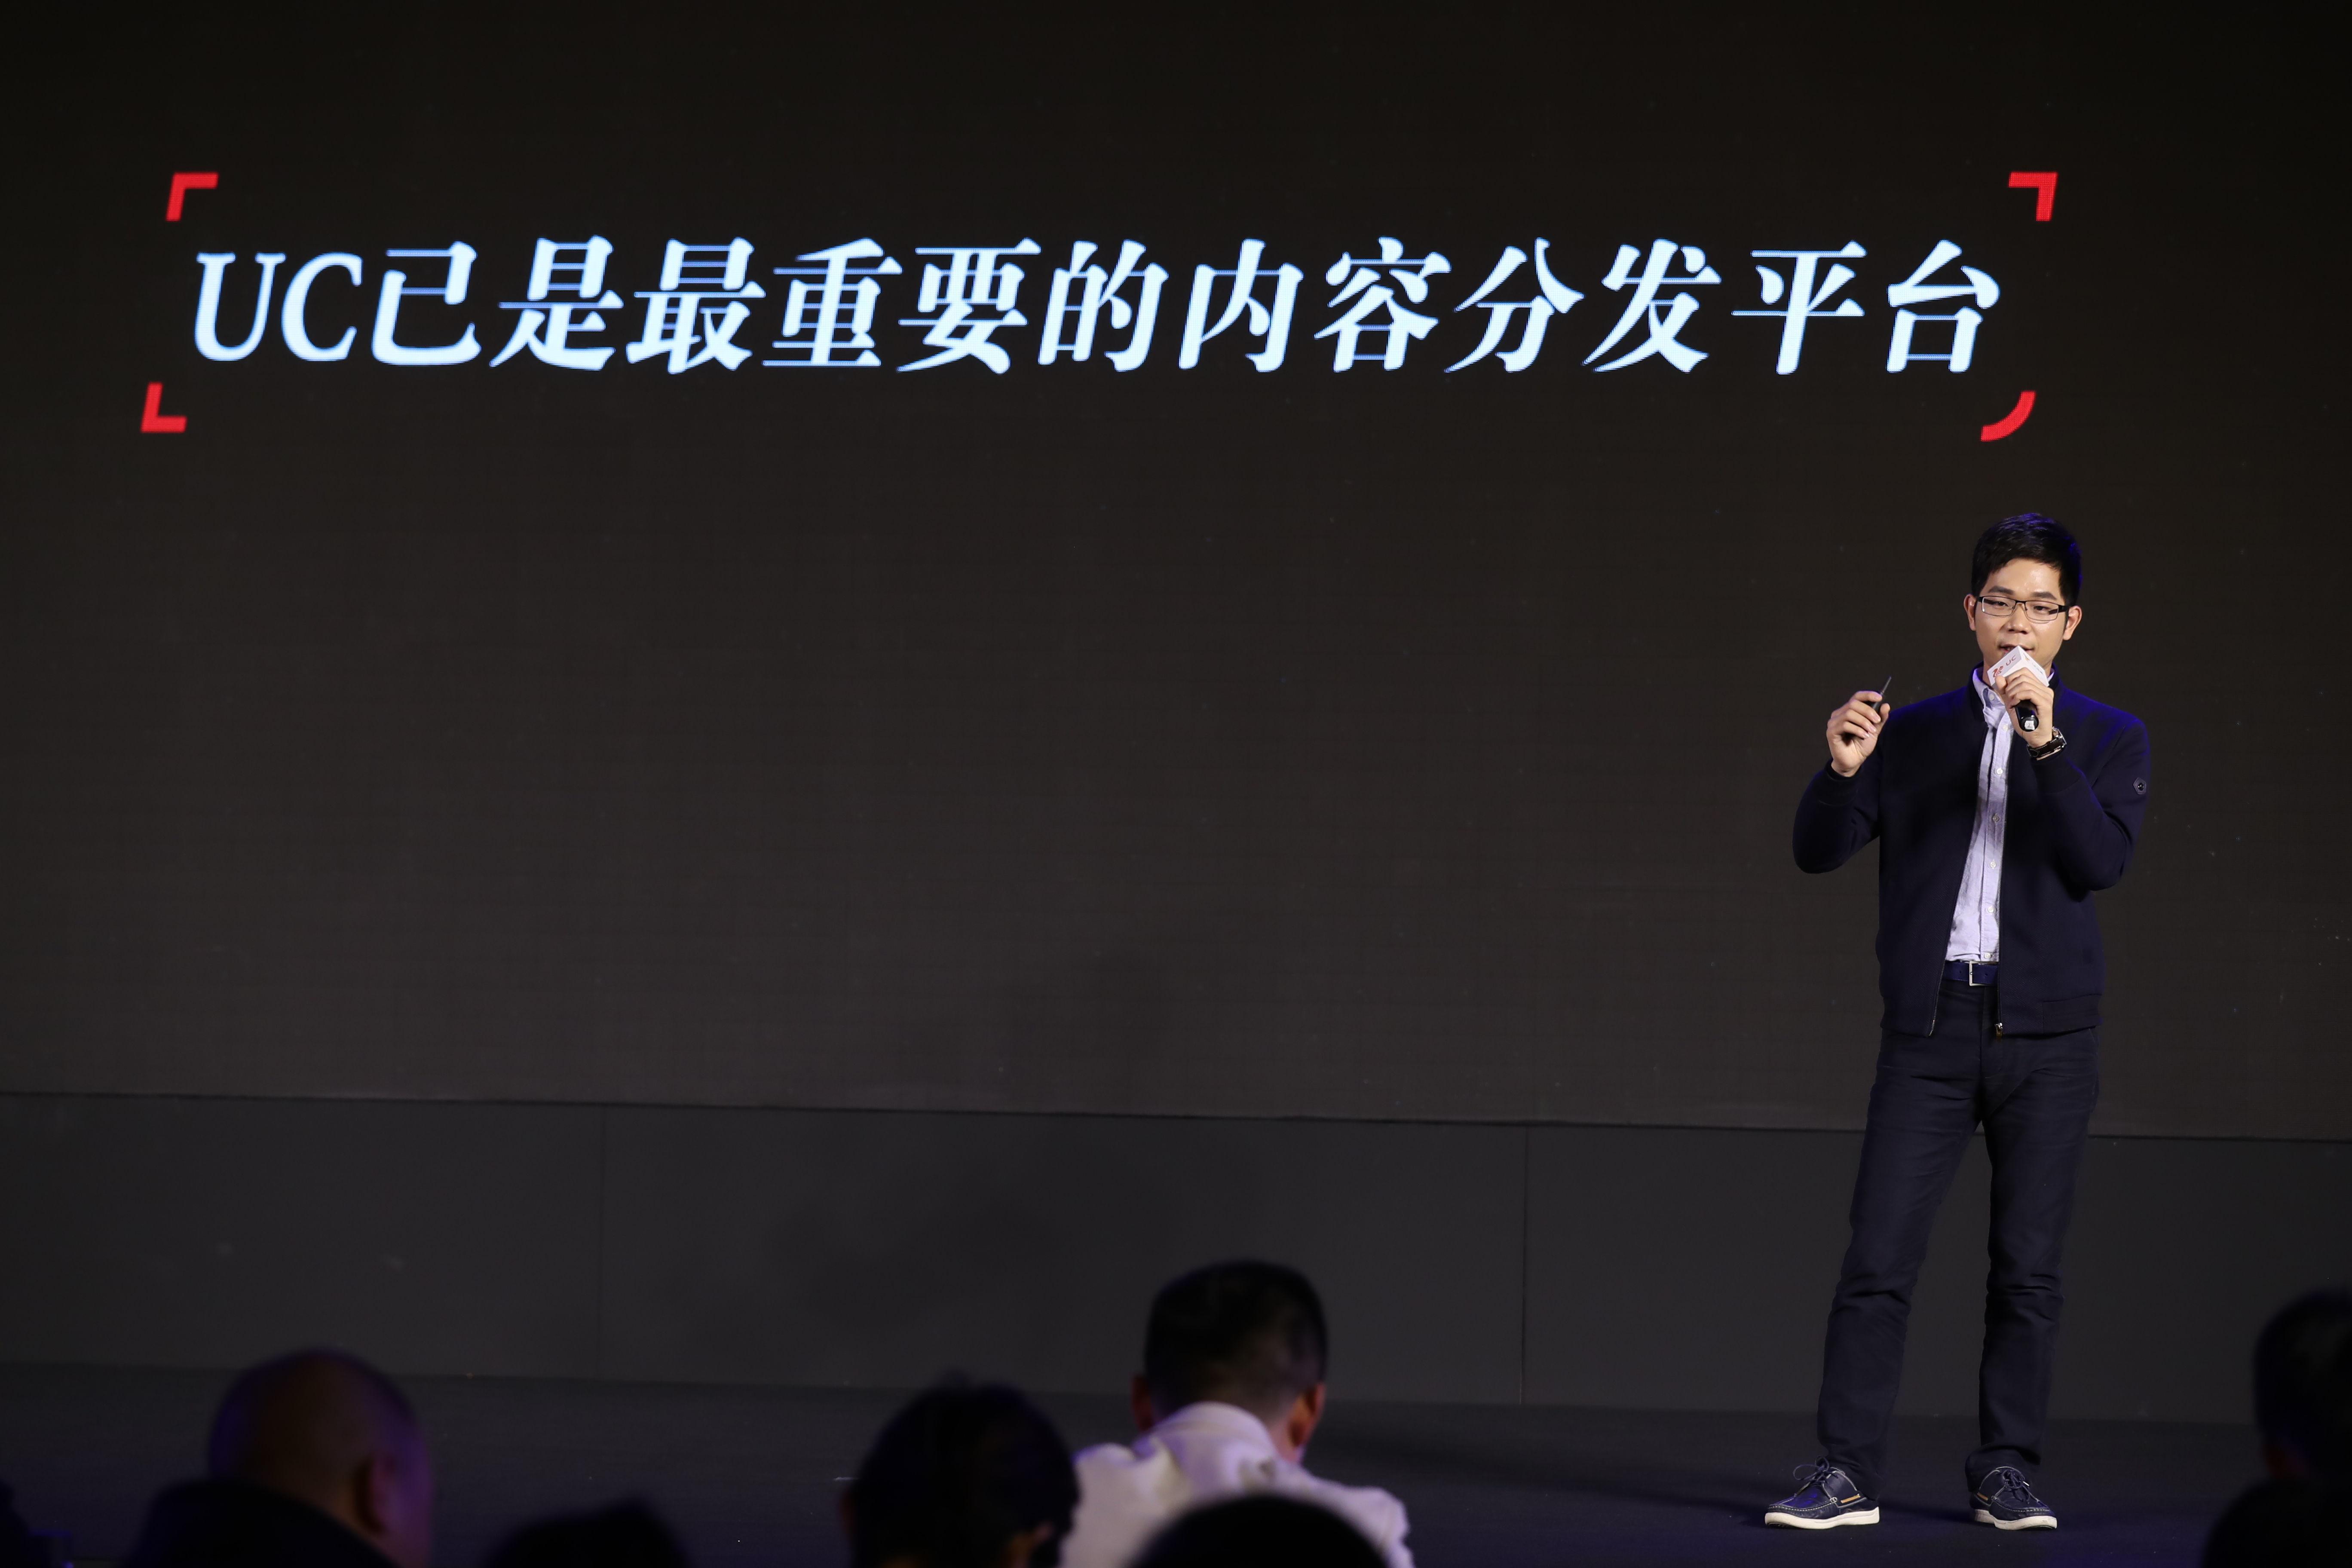 第三张图:阿里巴巴文化娱乐集团UC副总经理吴梁伟发表题为《为内容提供价值服务》的主题演讲.JPG